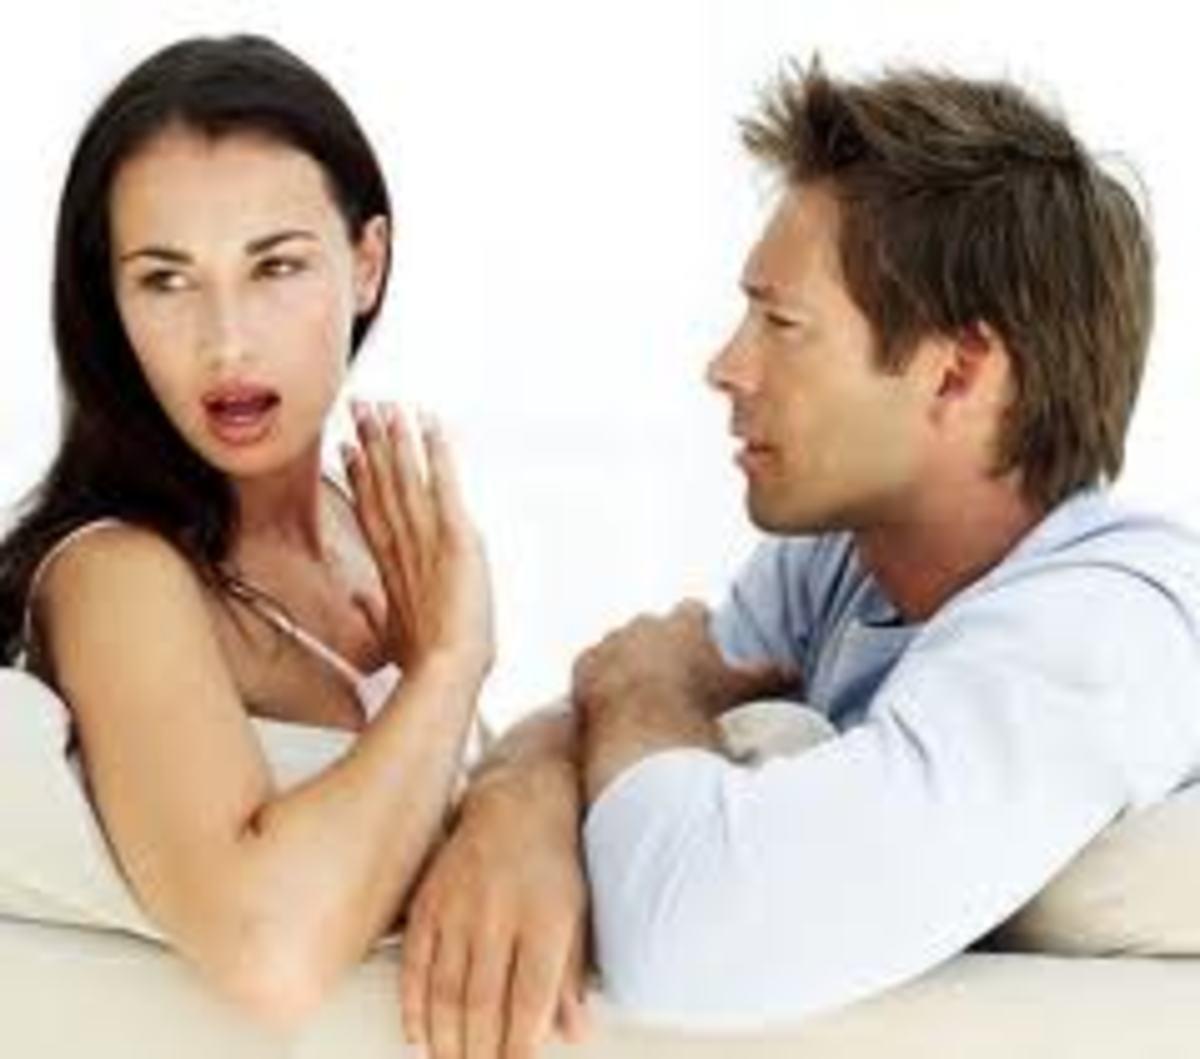 Αχαϊα: Την απογοήτευσε ο εραστής και επέστρεψε στον άντρα της! | Newsit.gr